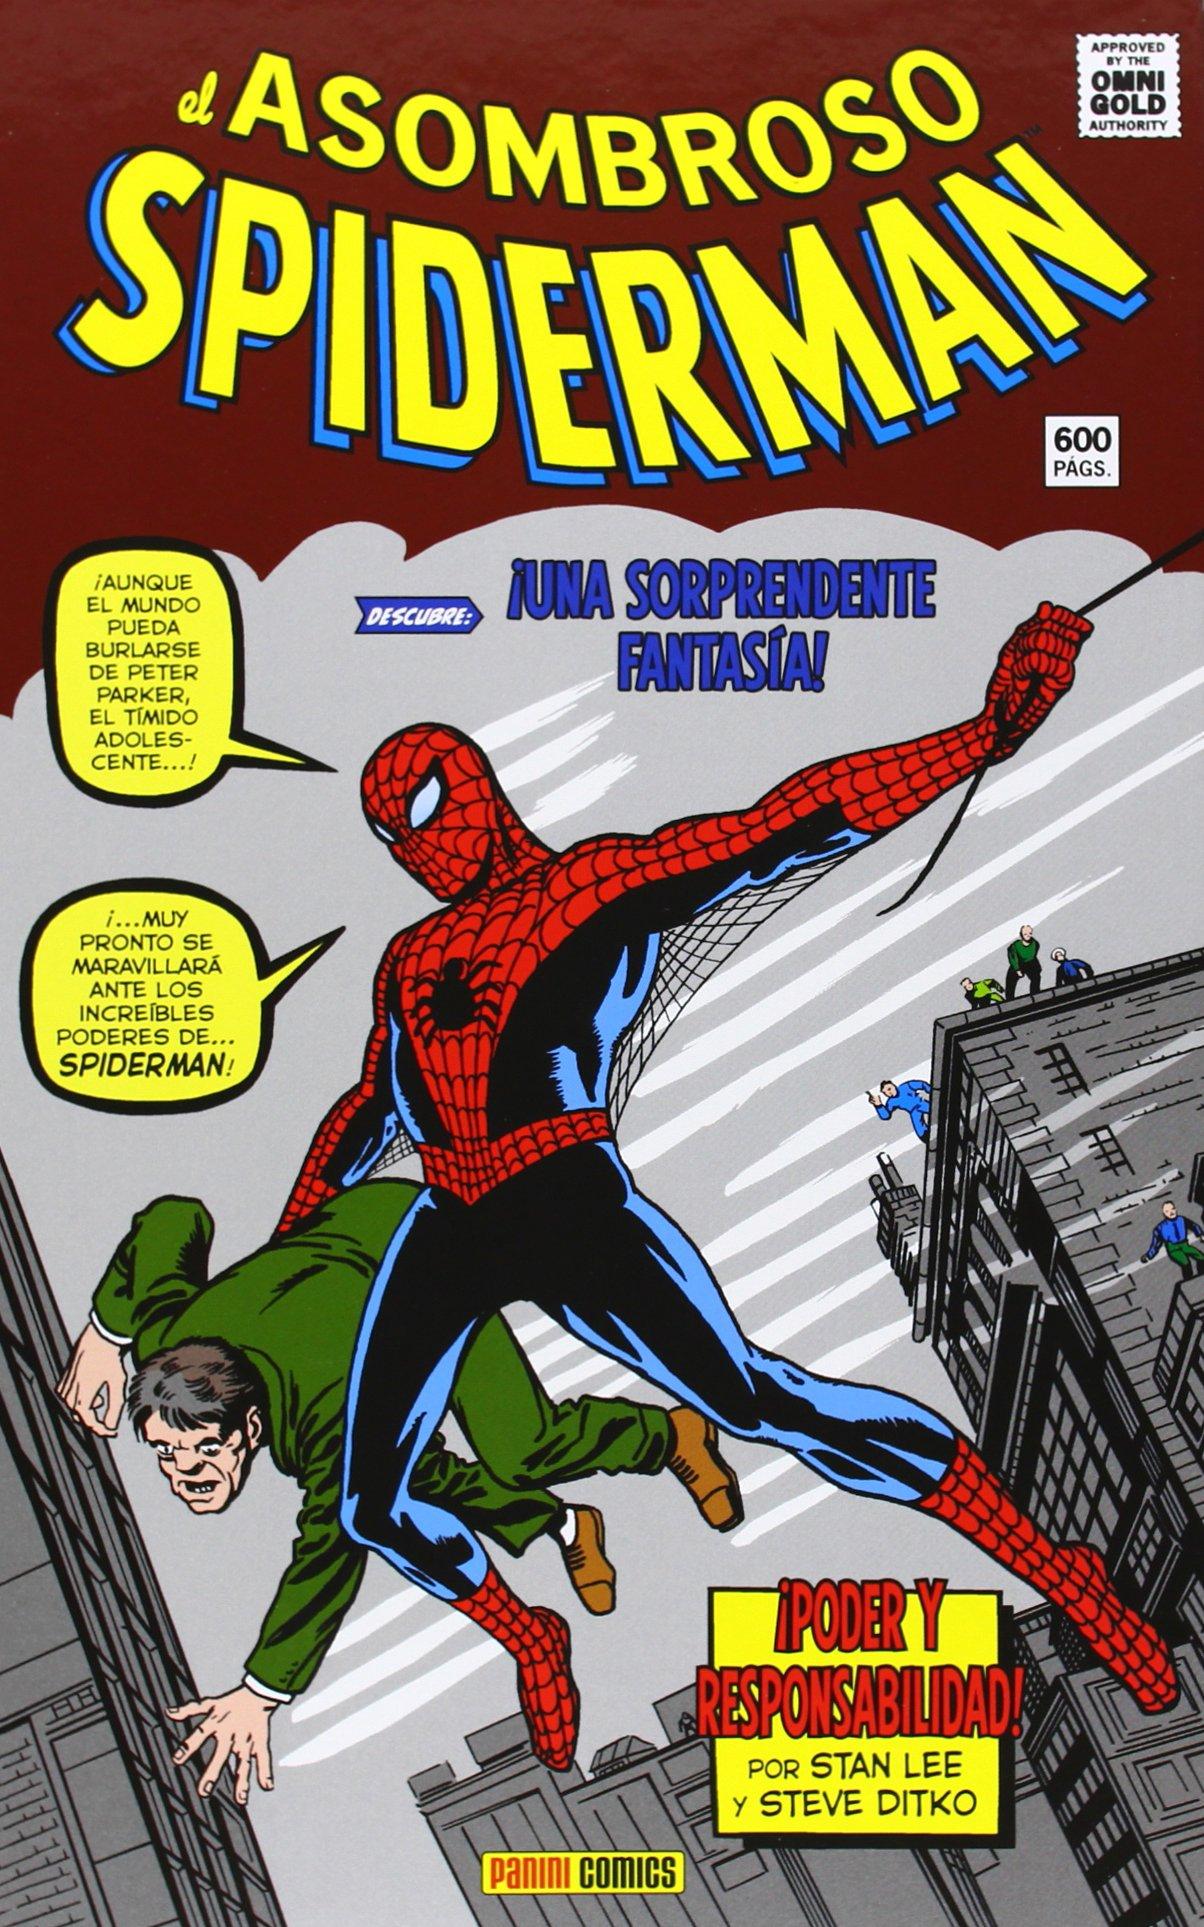 El Asombroso Spiderman. ¡Poder Y Responsabilidad! Marvel Gold: Amazon.es: Lee Stan: Libros